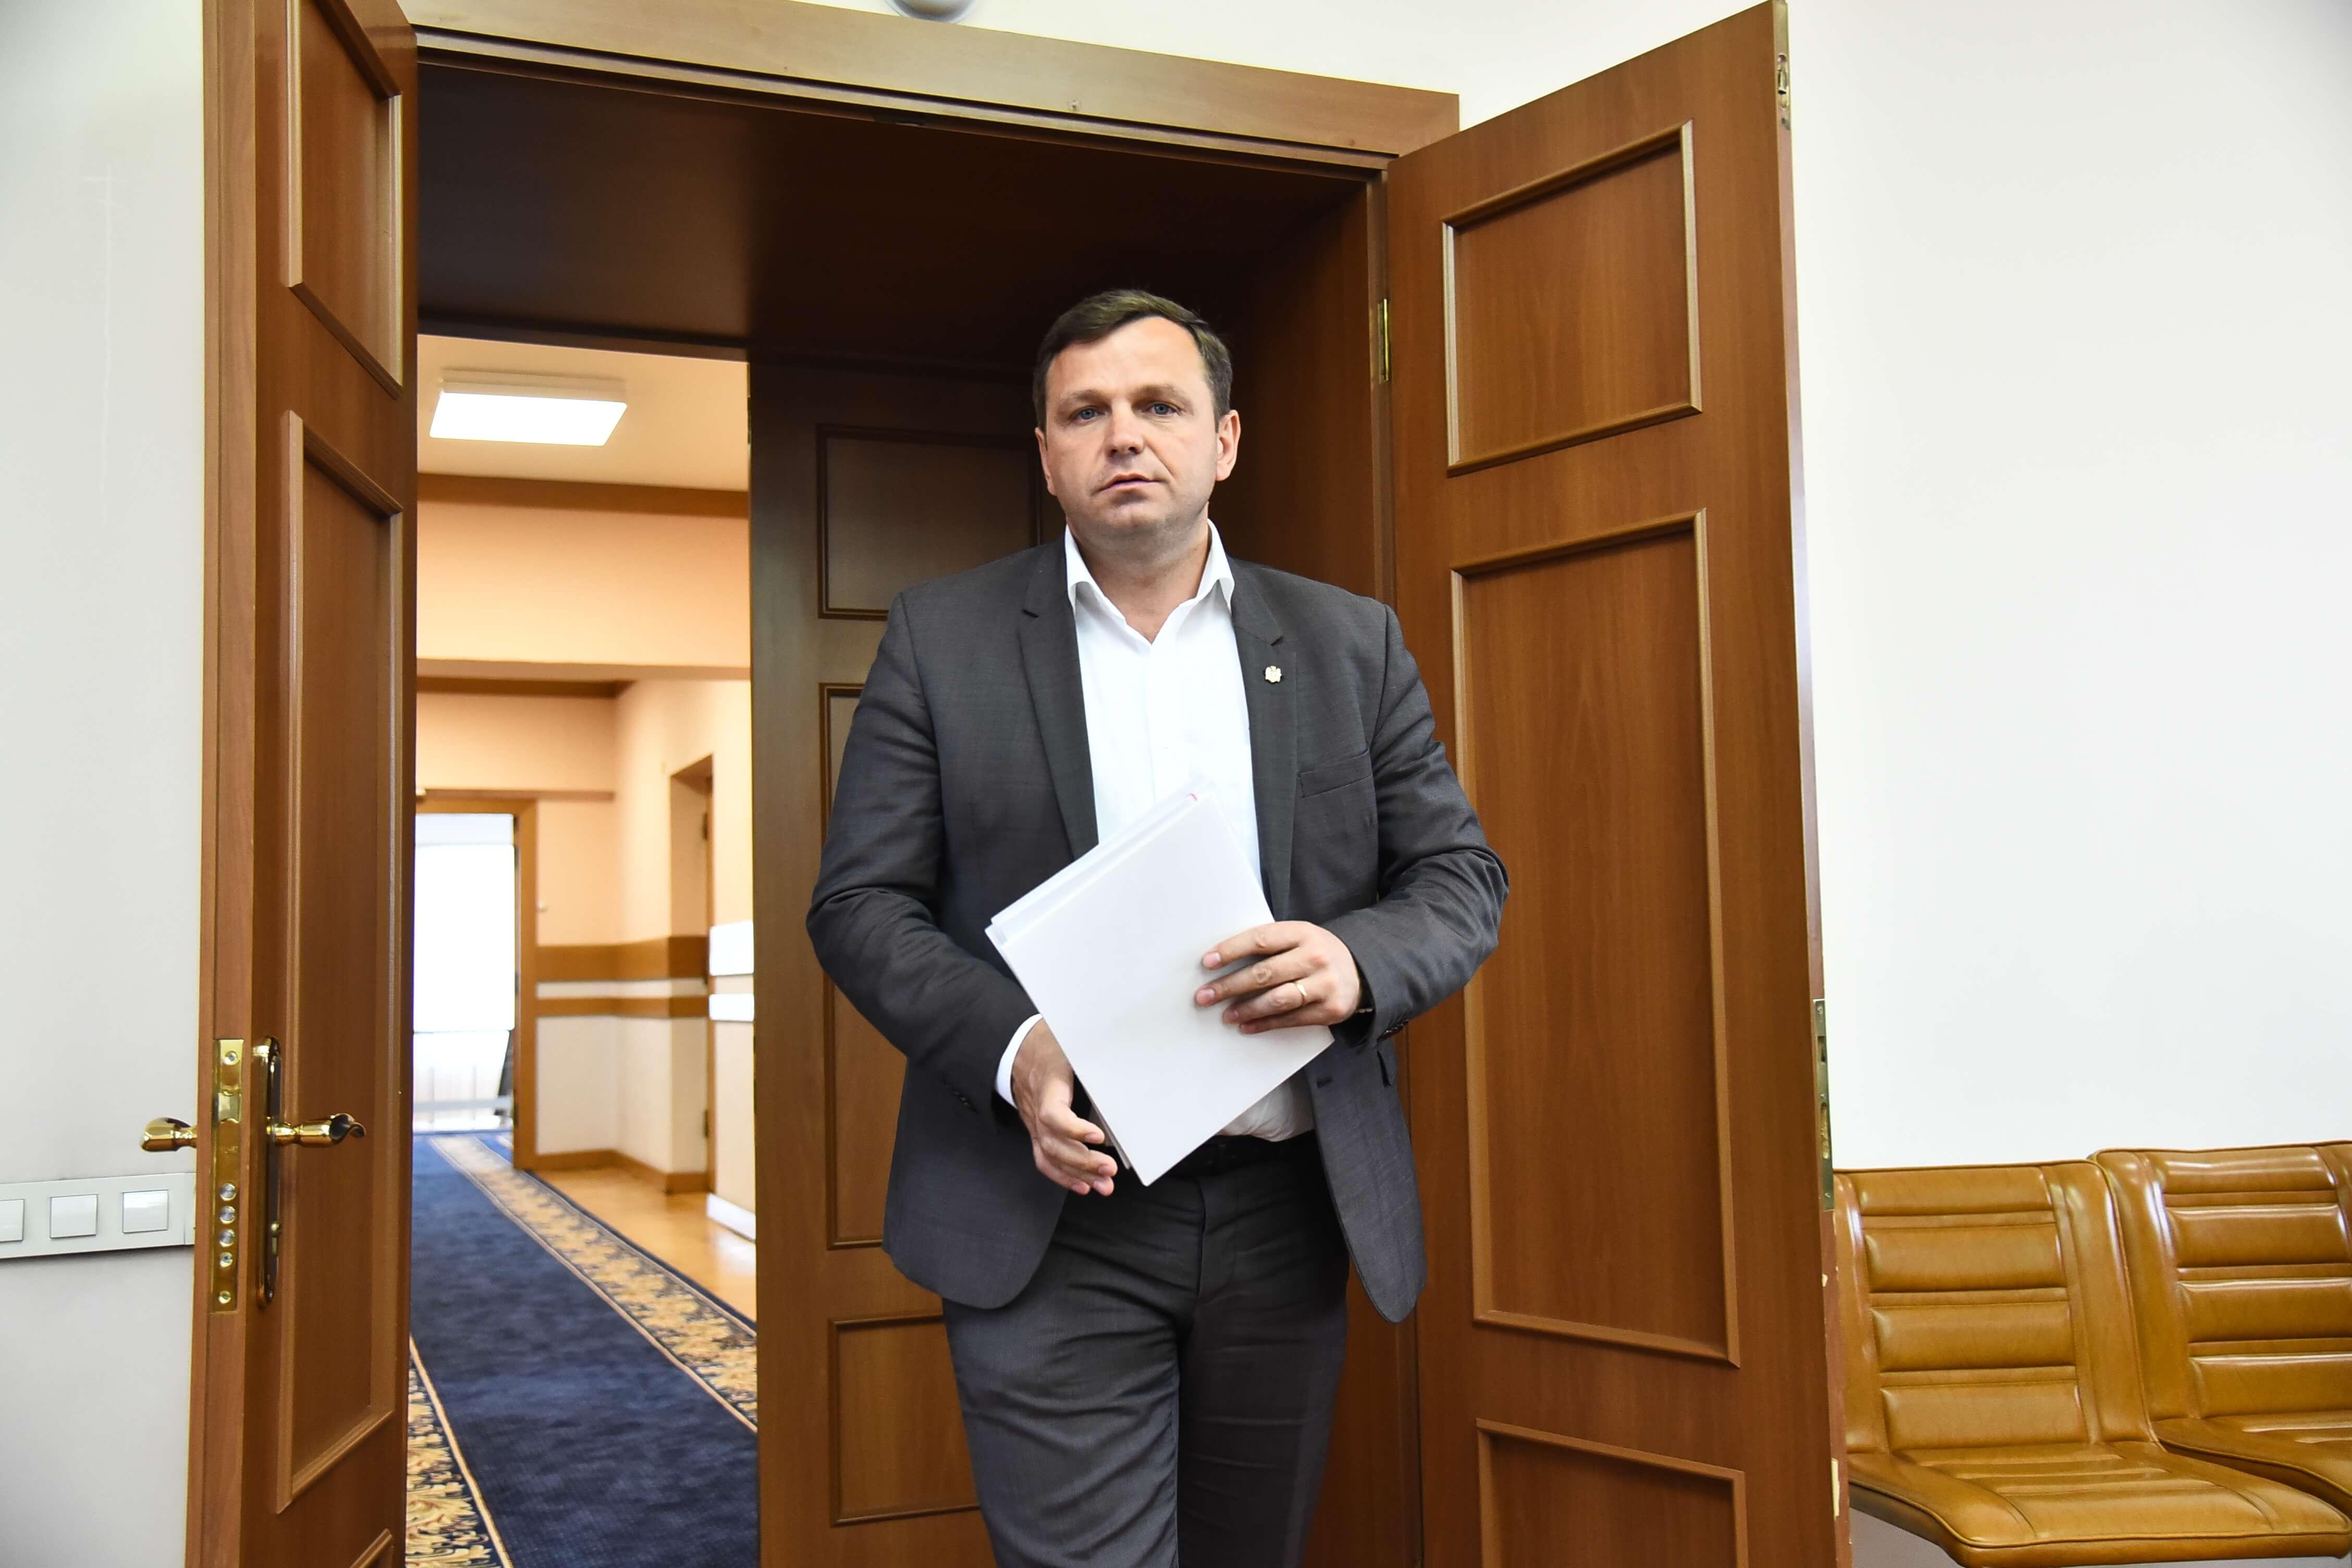 Până la învestirea oficială a noului Primar, Andrei Năstase a semnat o dispoziție privind delegarea exercitării atribuțiilor